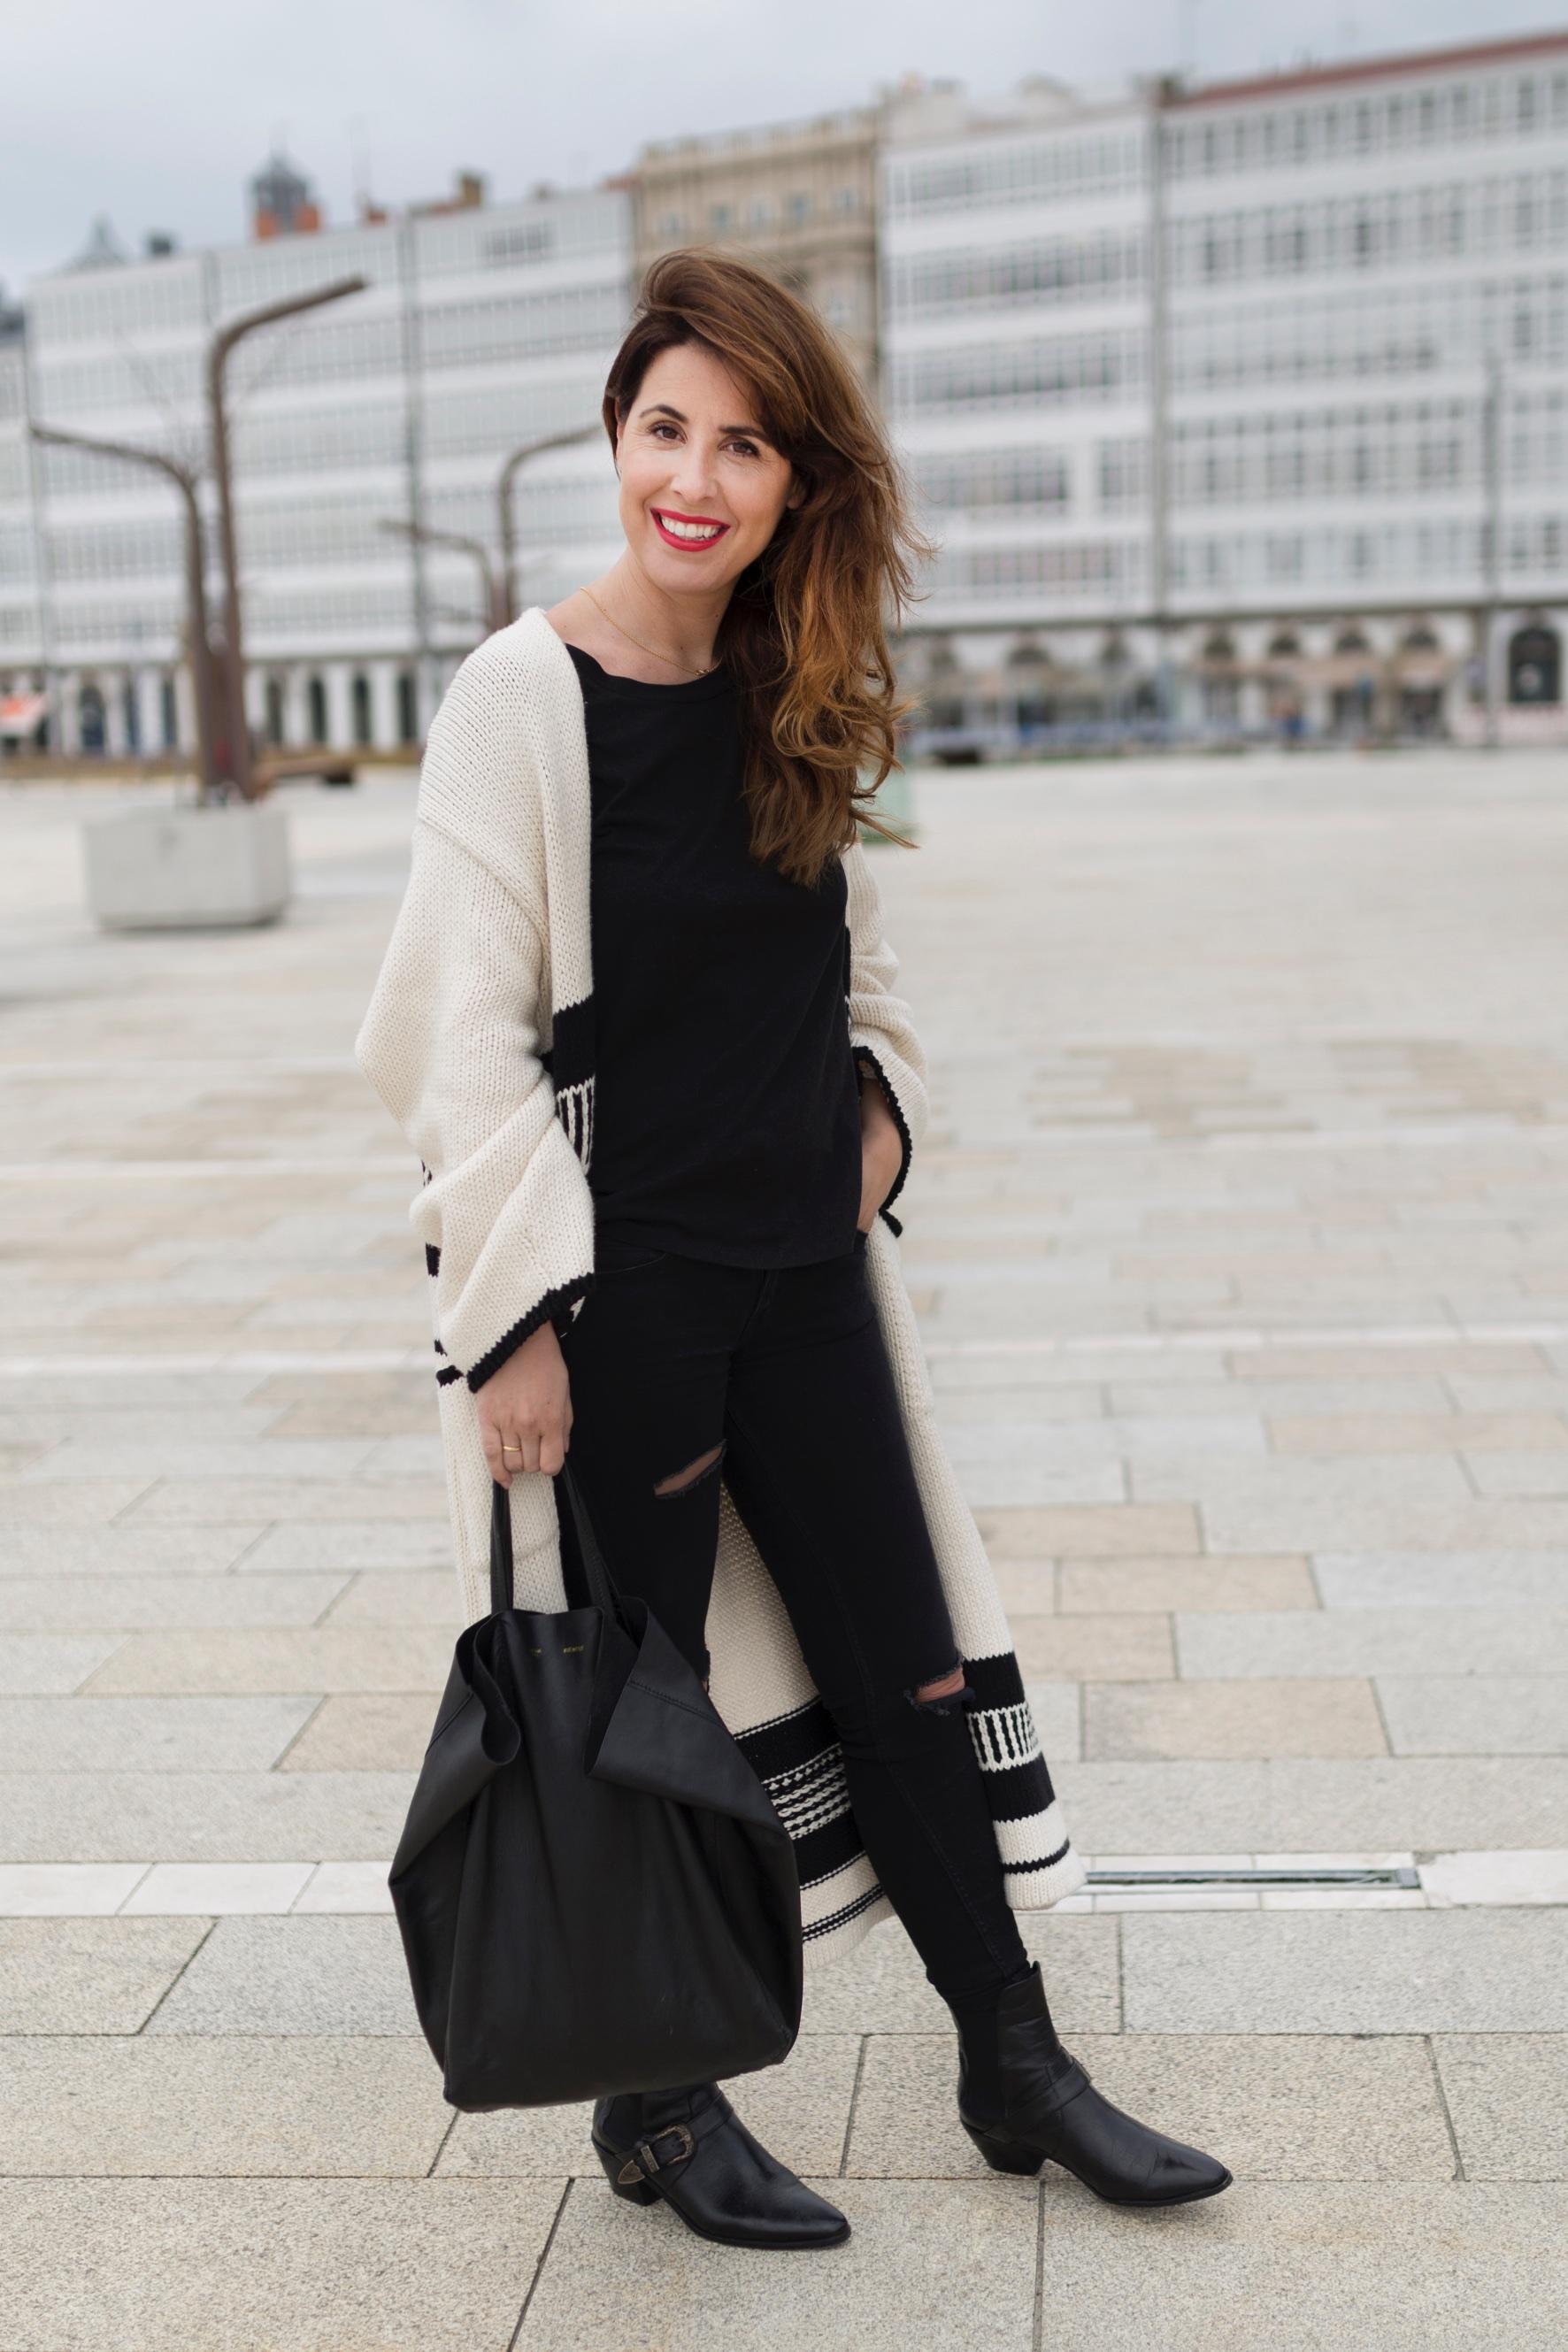 cèline bag- style- zara look-ootd- descalzaporelparque-fashion-moda-calle-zara-look- coruña- streetstyle- blogger